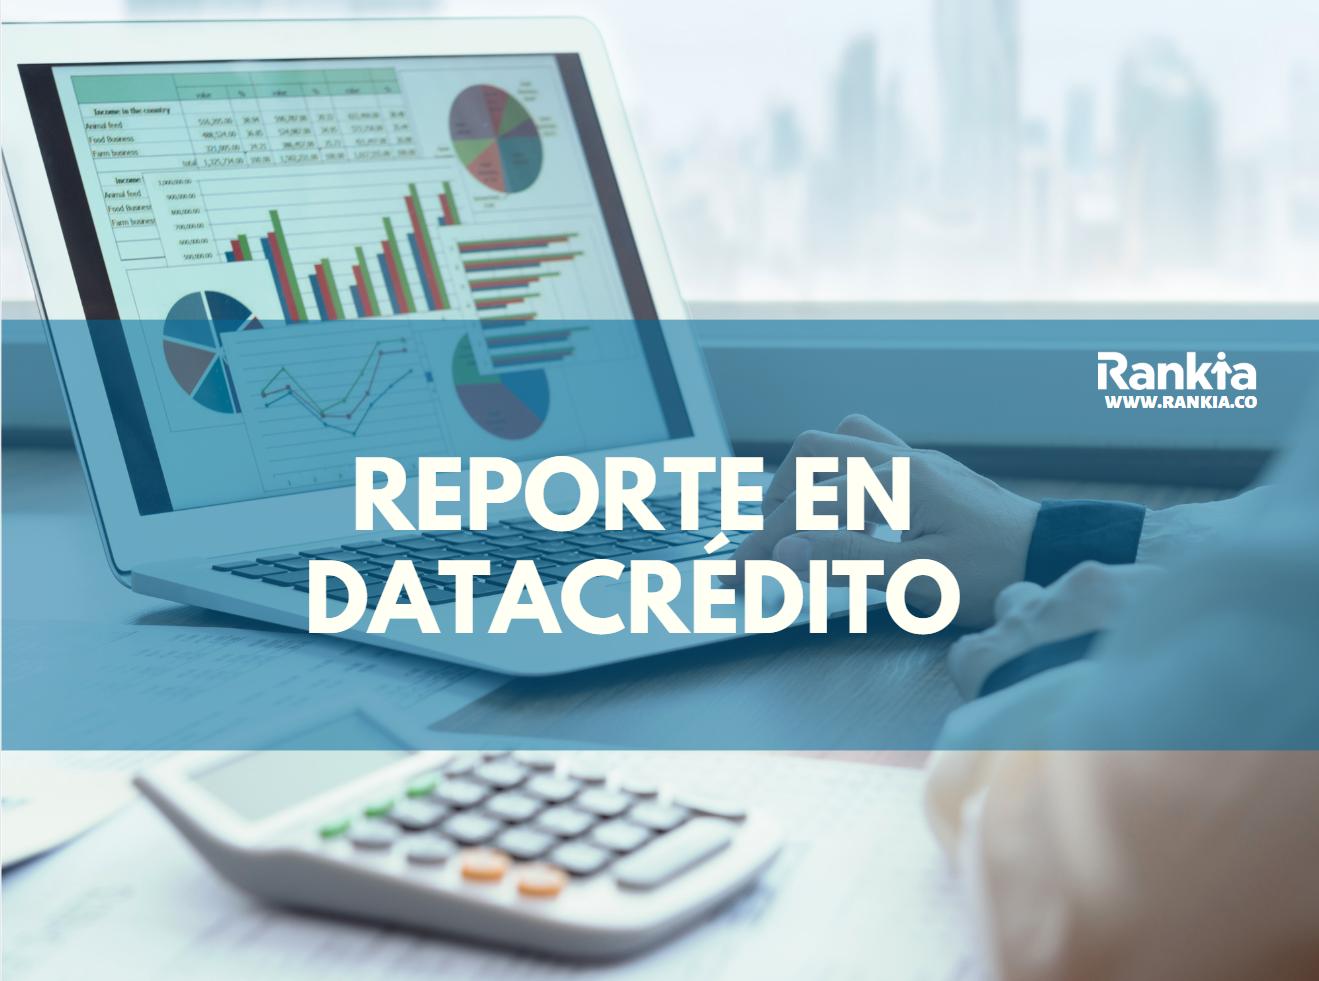 Reportes en DataCrédito: ¿Cómo salir?